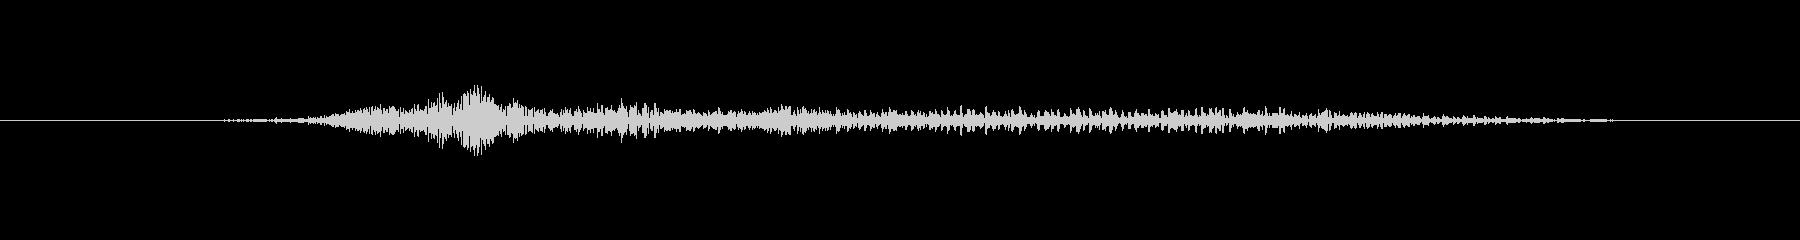 鳴き声 男性の攻撃の叫び01の未再生の波形